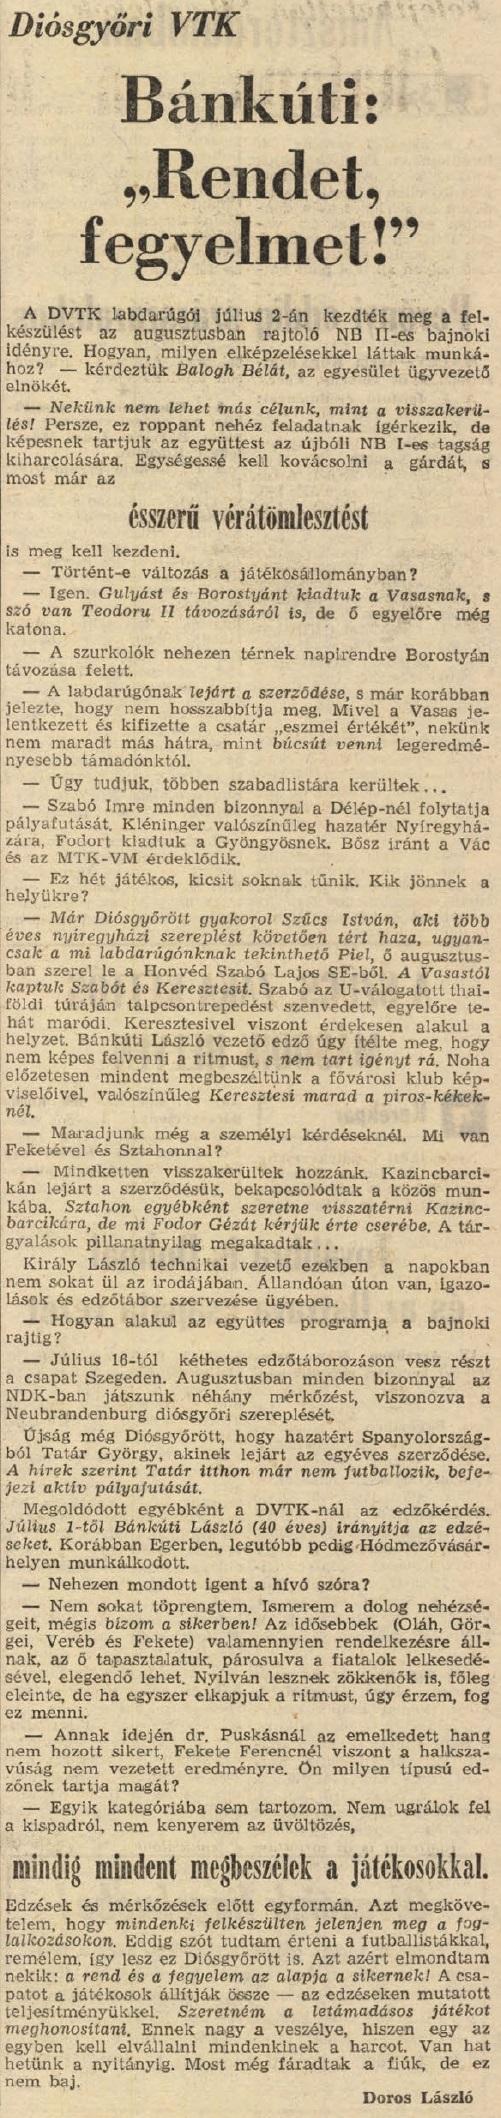 idokapszula_nb_i_1983_84_tavaszi_zaras_merlegen_az_alsohaz_16_dvtk.jpg